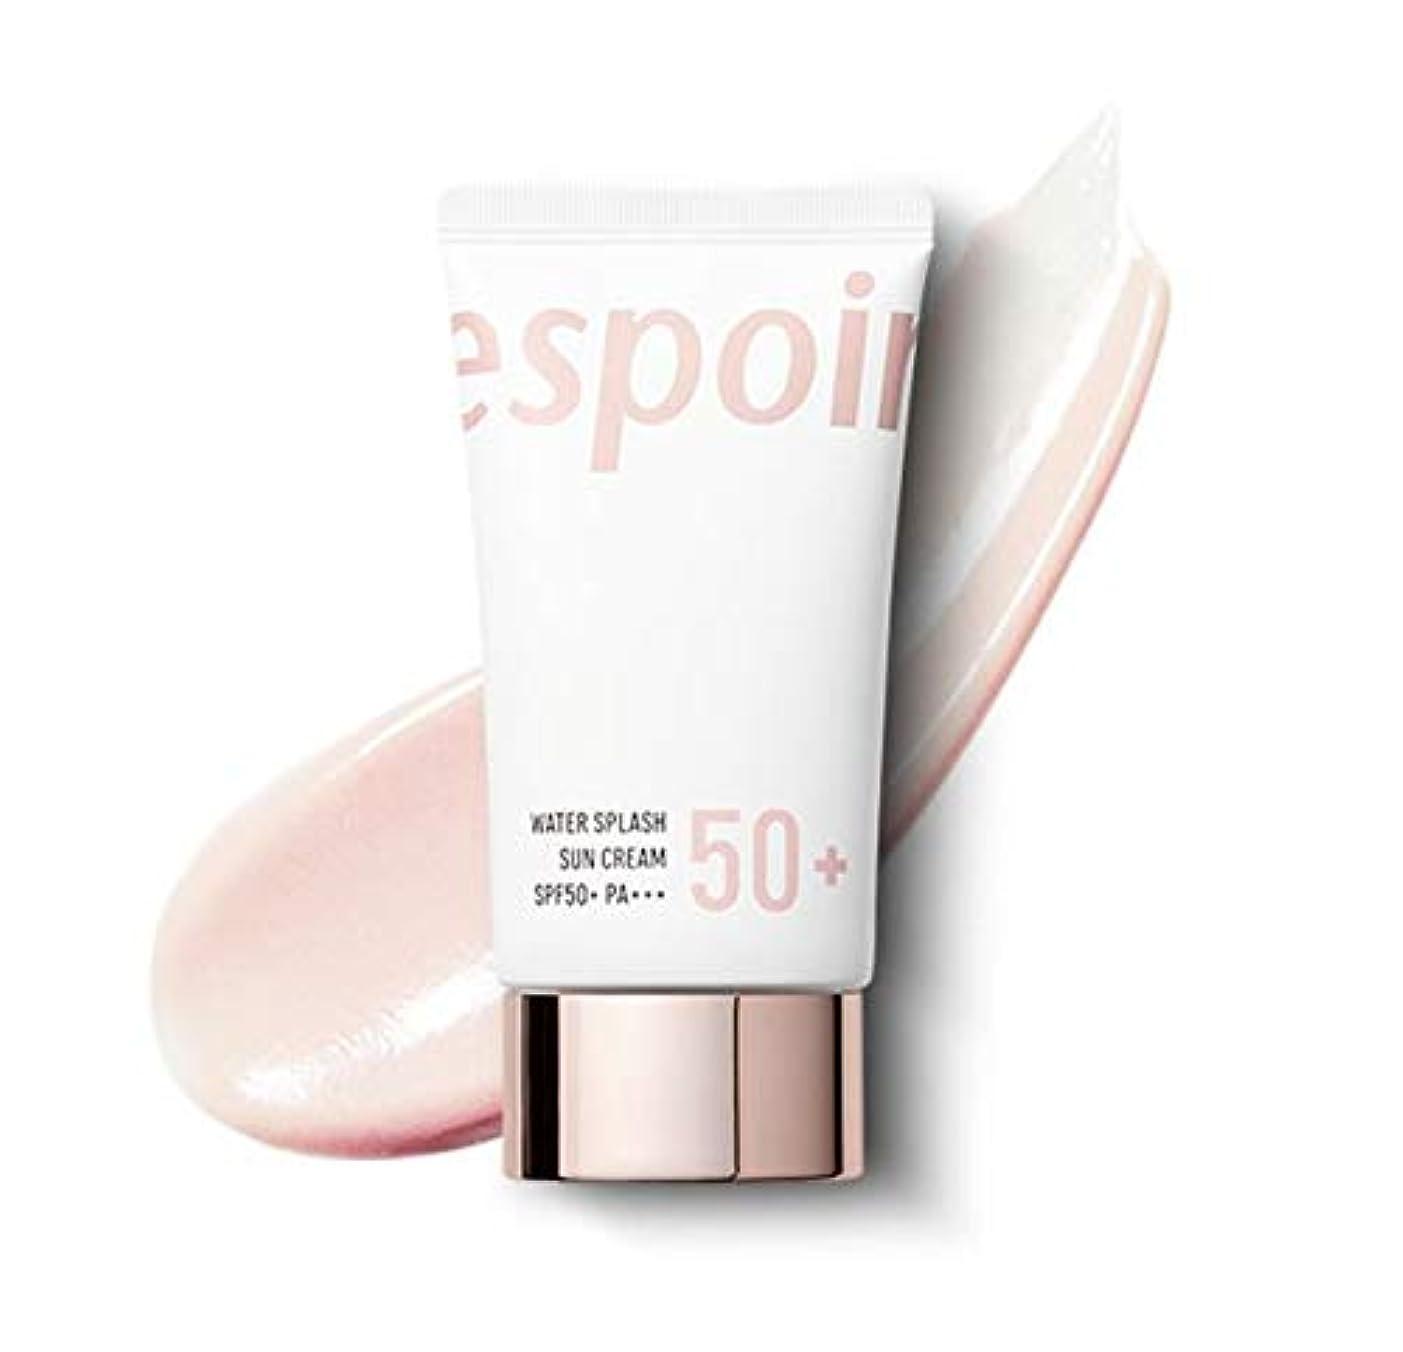 測る教育コントロールeSpoir Water Splash Sun Cream SPF50+PA+++ (R) / エスポワール ウォータースプラッシュ サンクリーム 60ml [並行輸入品]